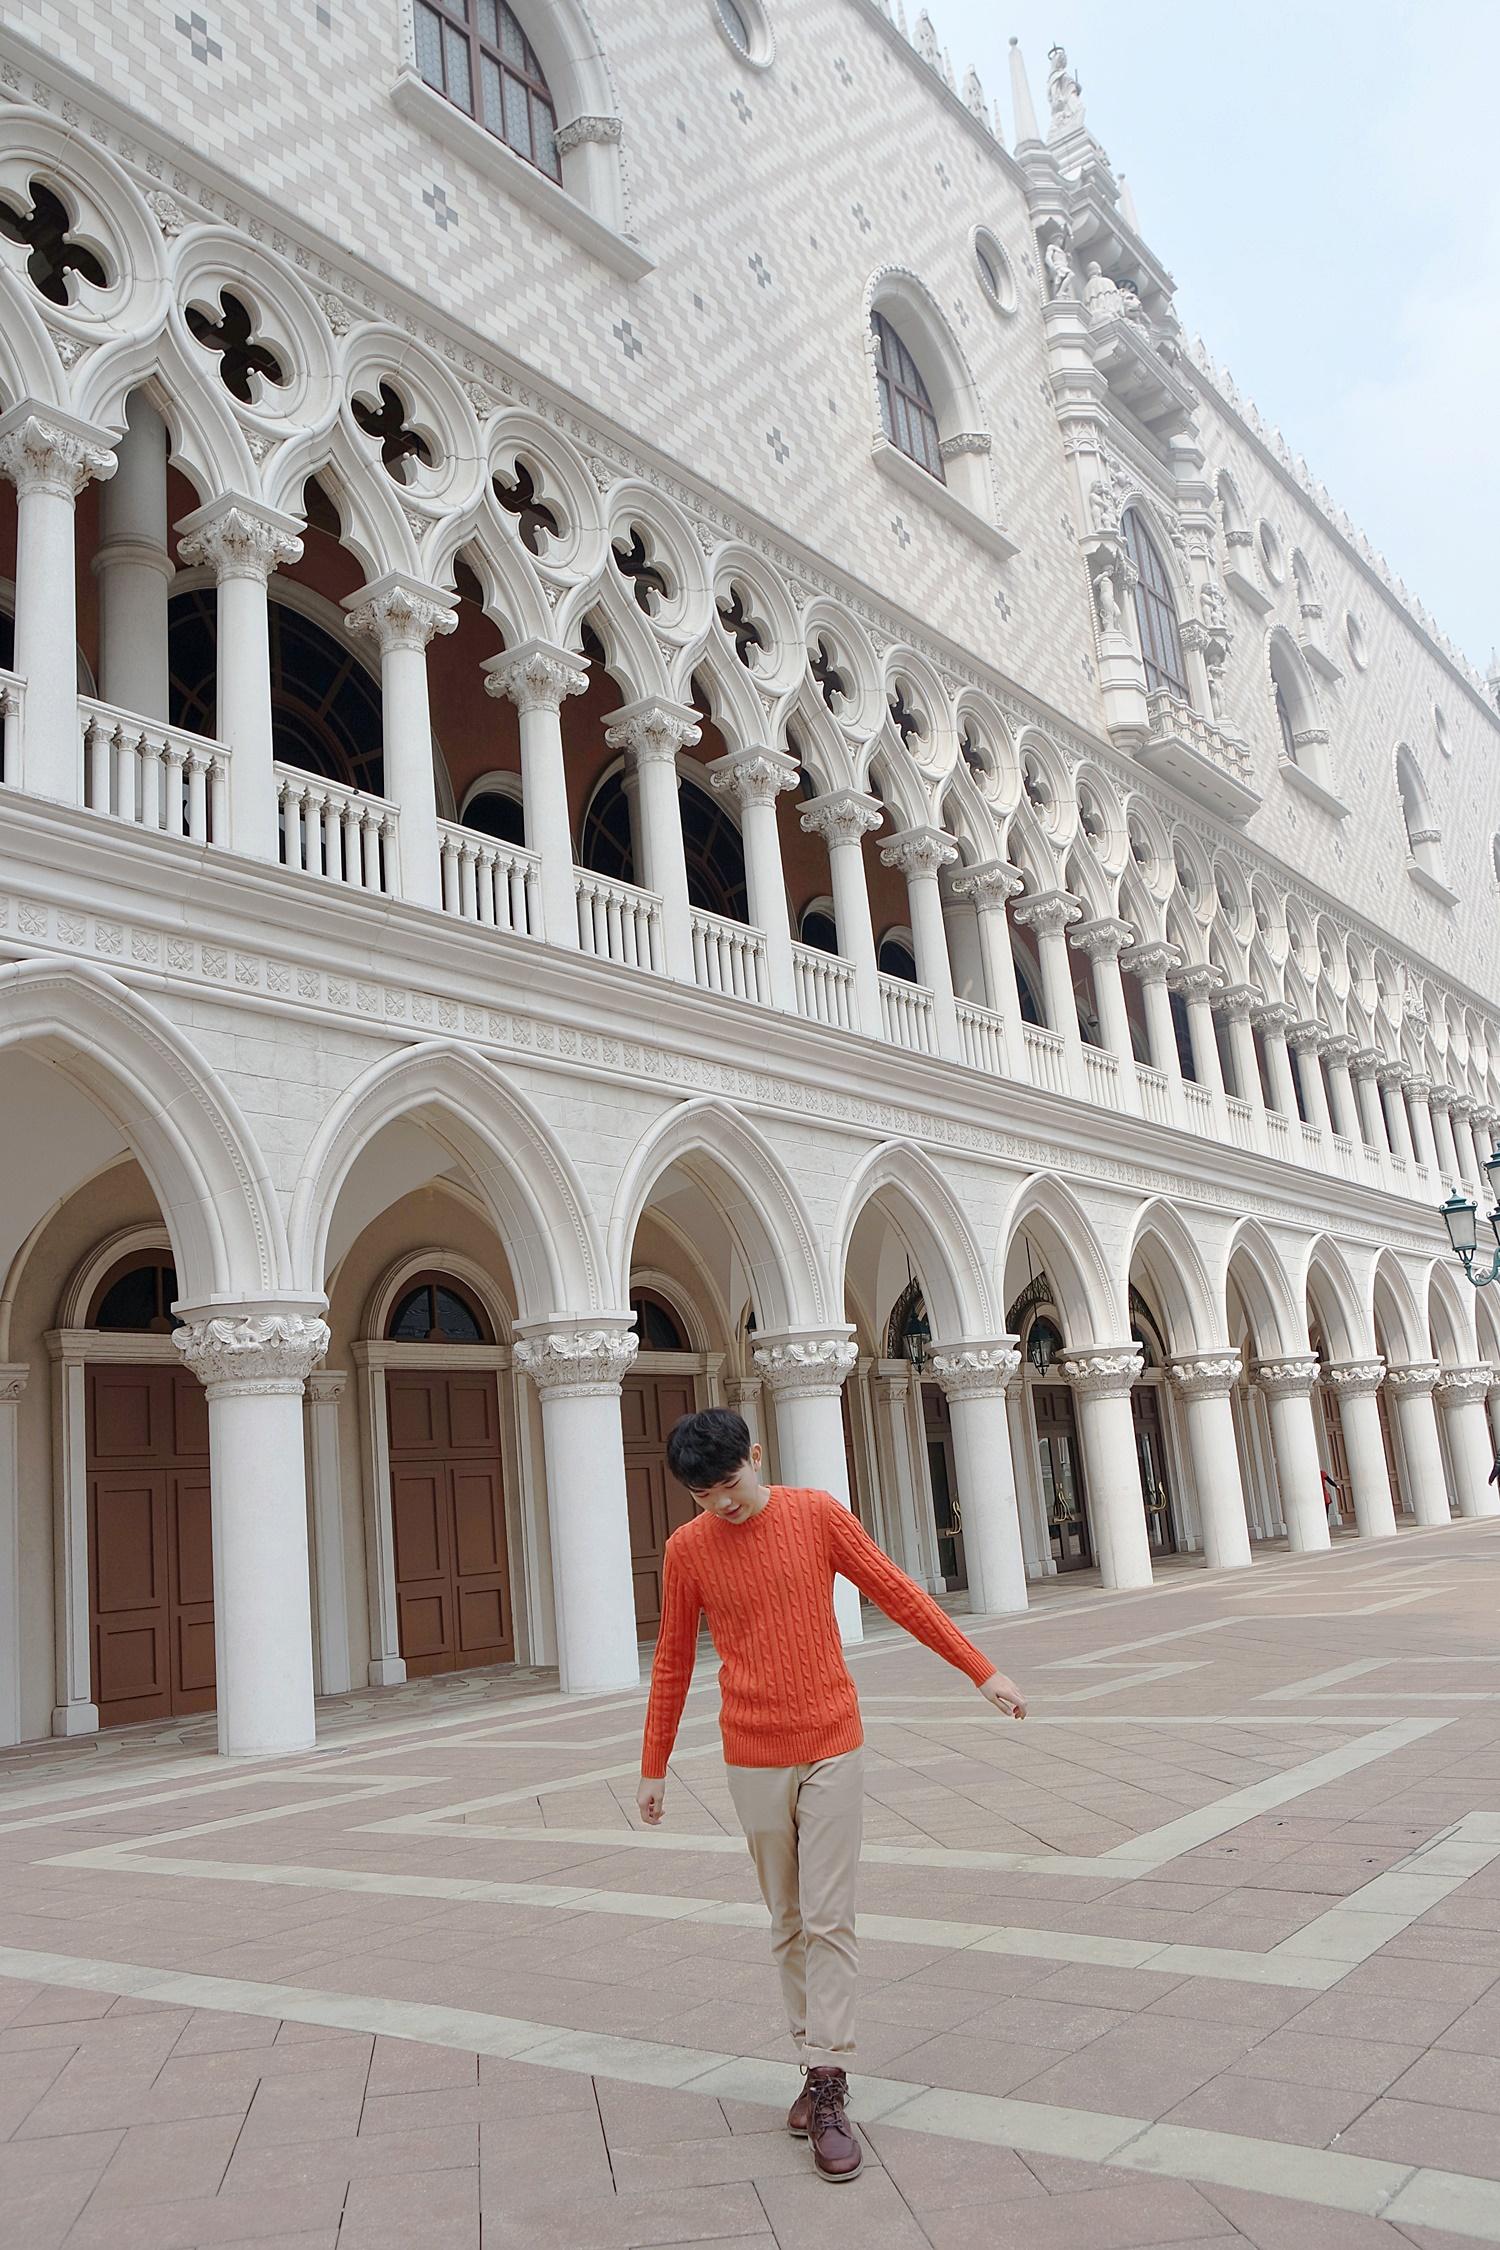 Outside of The Venetian Macao